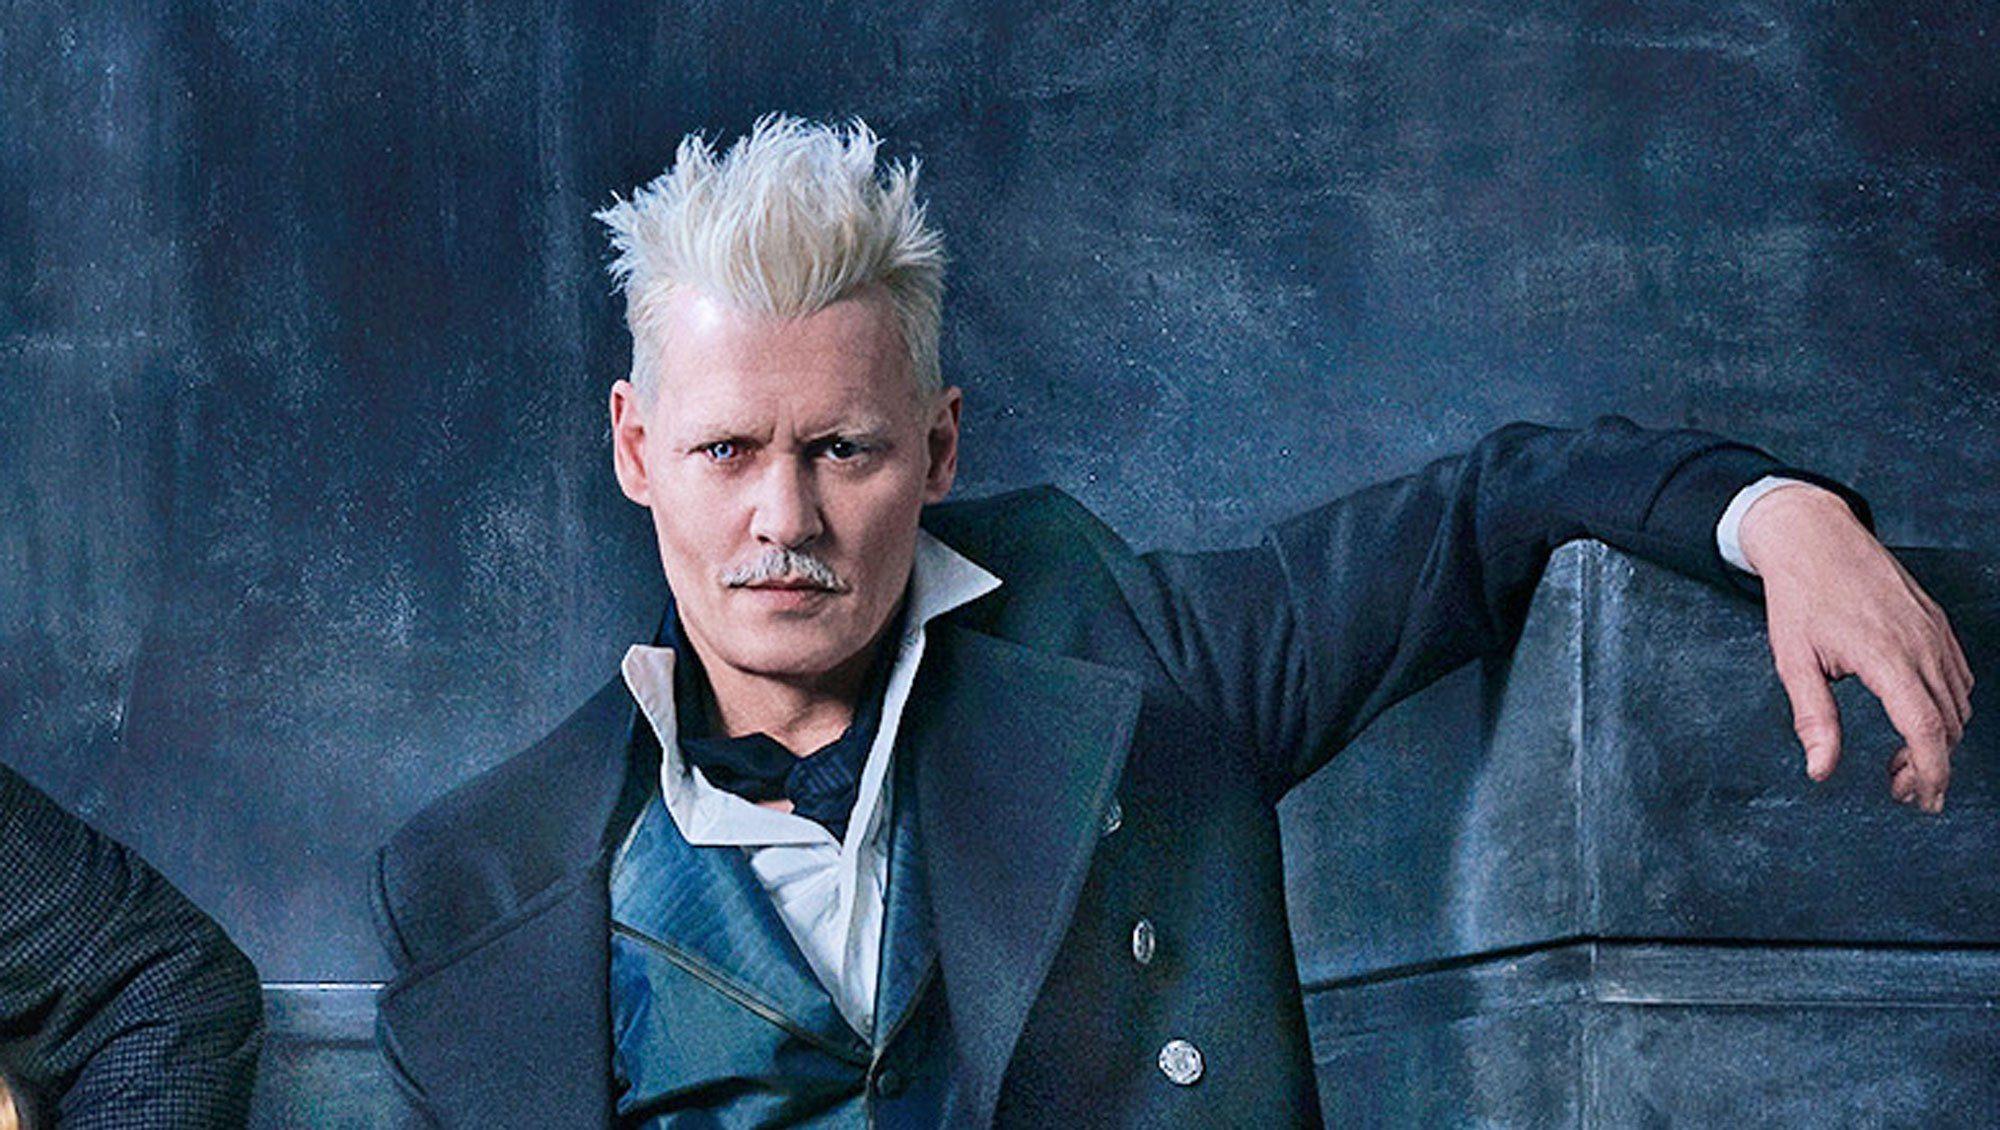 johnny-depp-gellert-grindelwald-fantastic-beasts-sequel-teaser